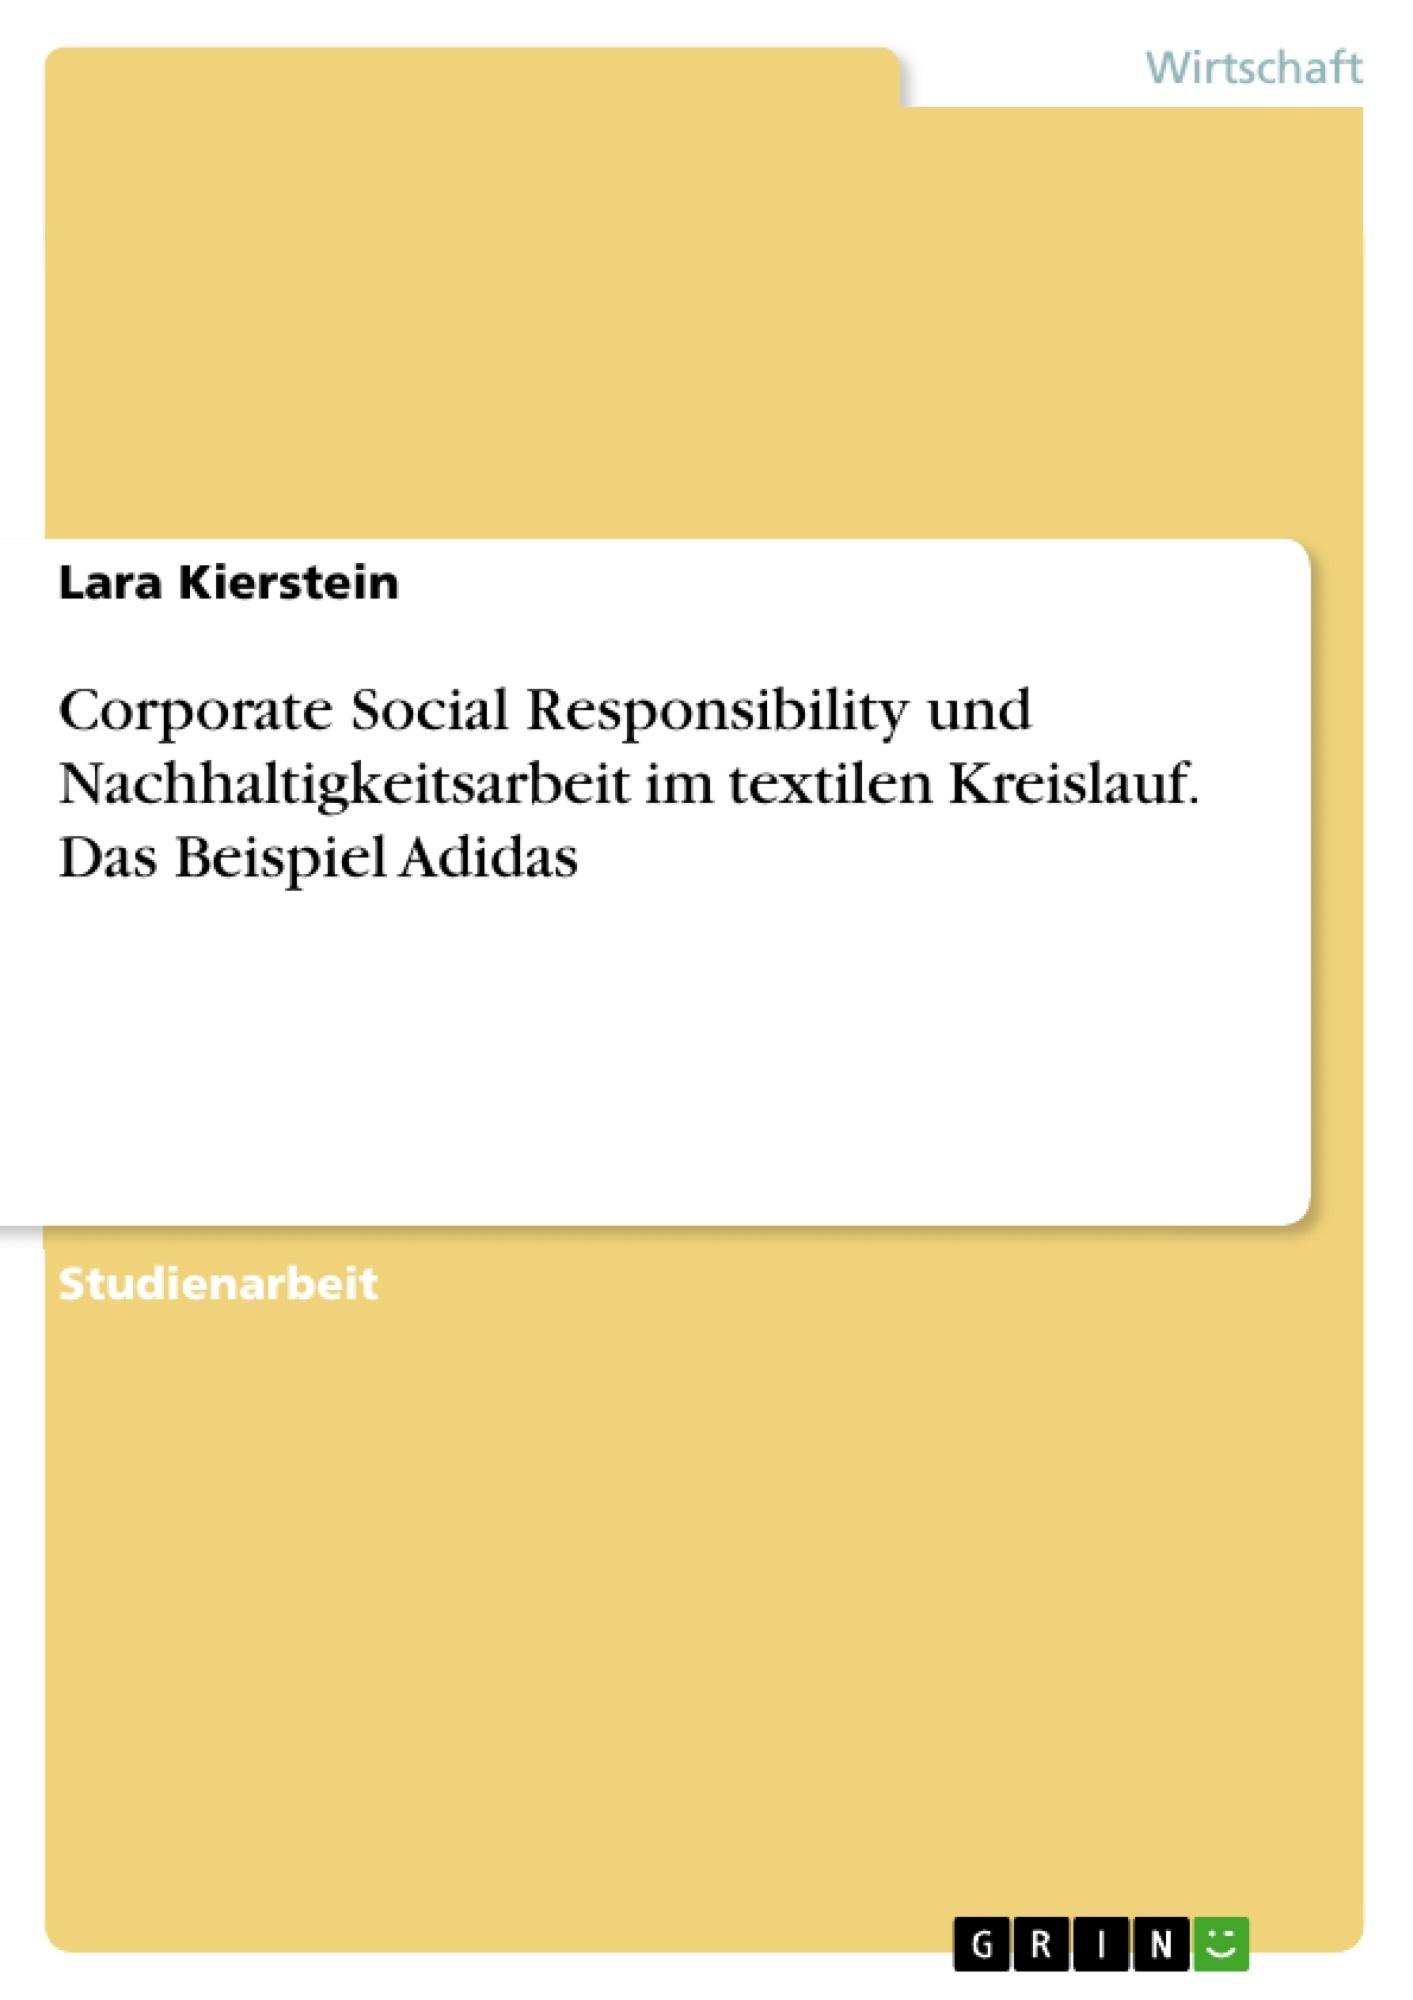 Titel: Corporate Social Responsibility und Nachhaltigkeitsarbeit im textilen Kreislauf. Das Beispiel Adidas